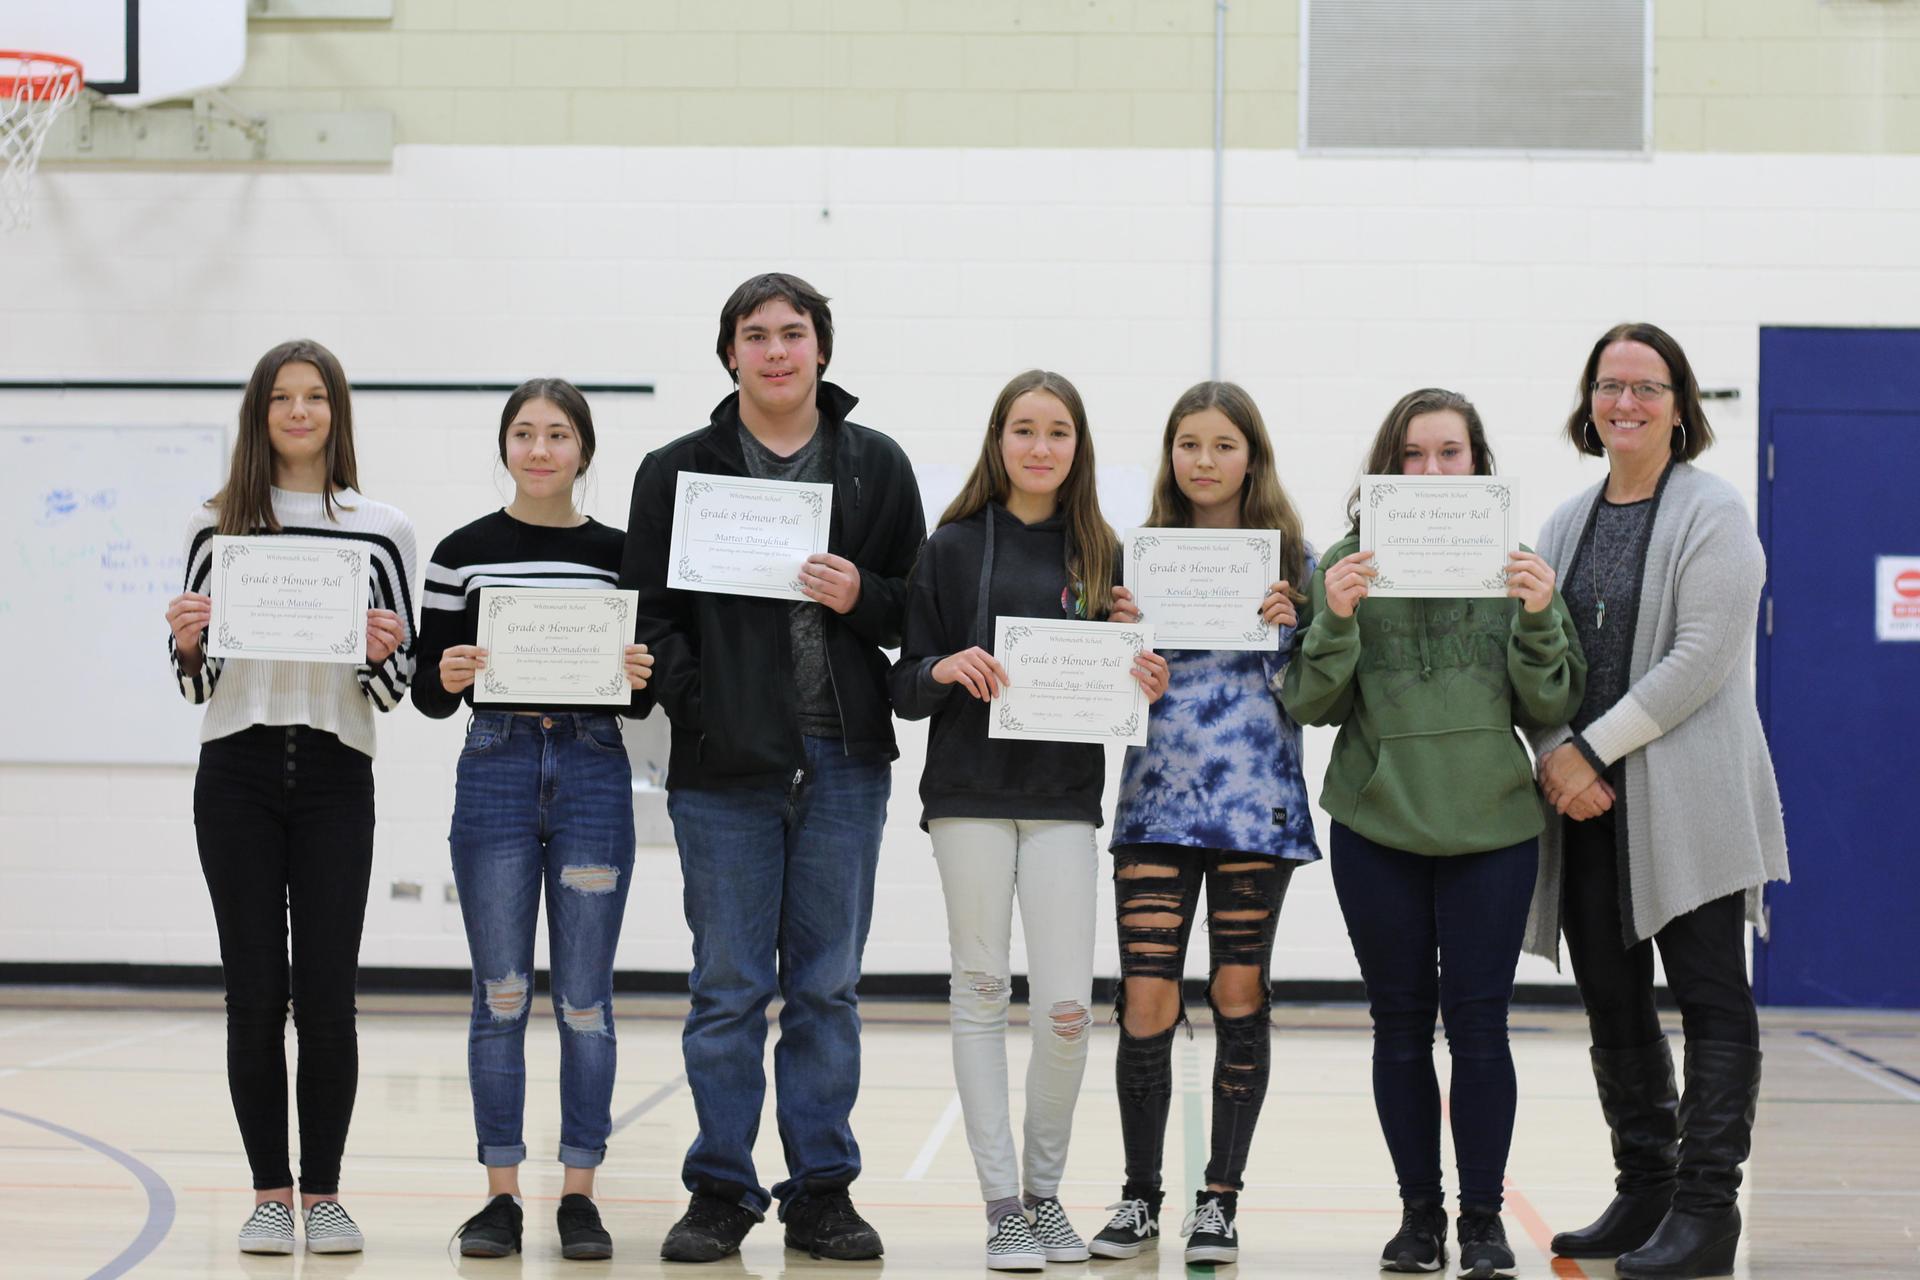 Grade 8 student awards